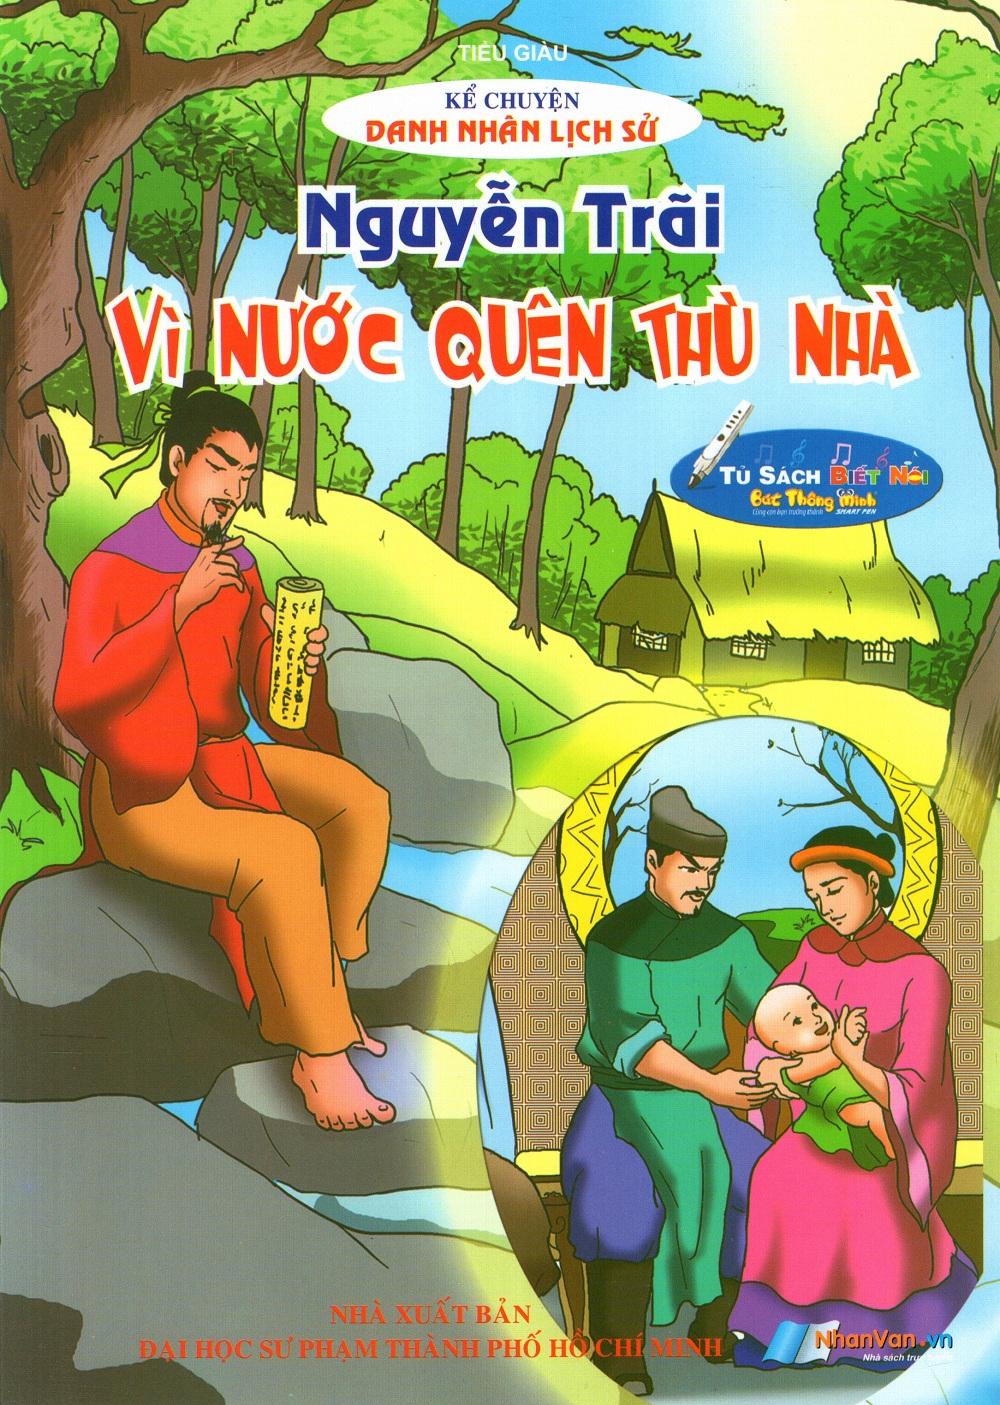 Bìa sách Kể Chuyện Danh Nhân Lịch Sử: Nguyễn Trãi - Vì Nước Quên Thù Nhà